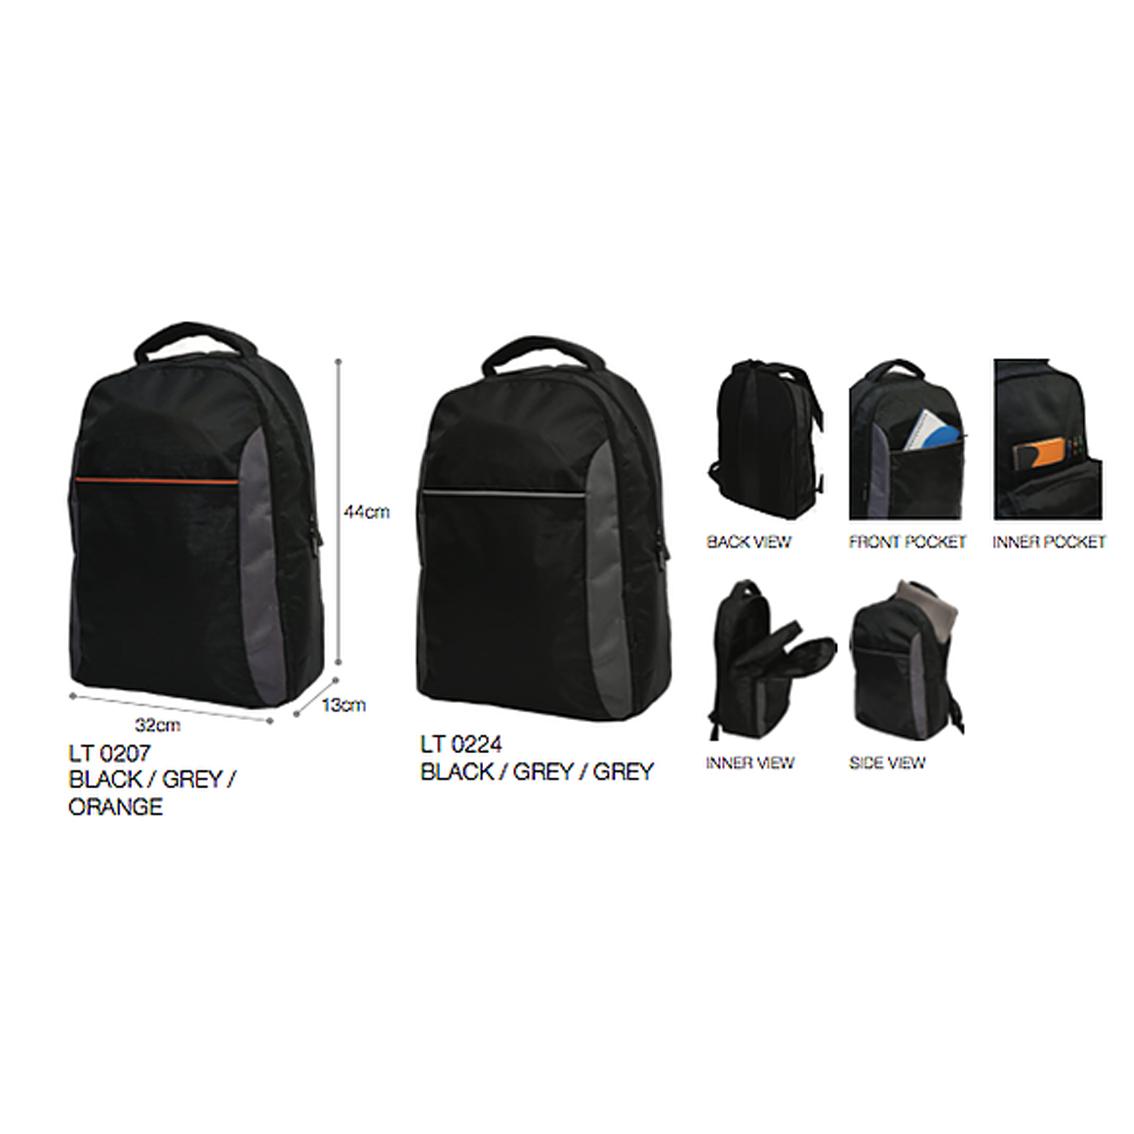 LT02 Nylon 1680D & Nylon Jacquard 2